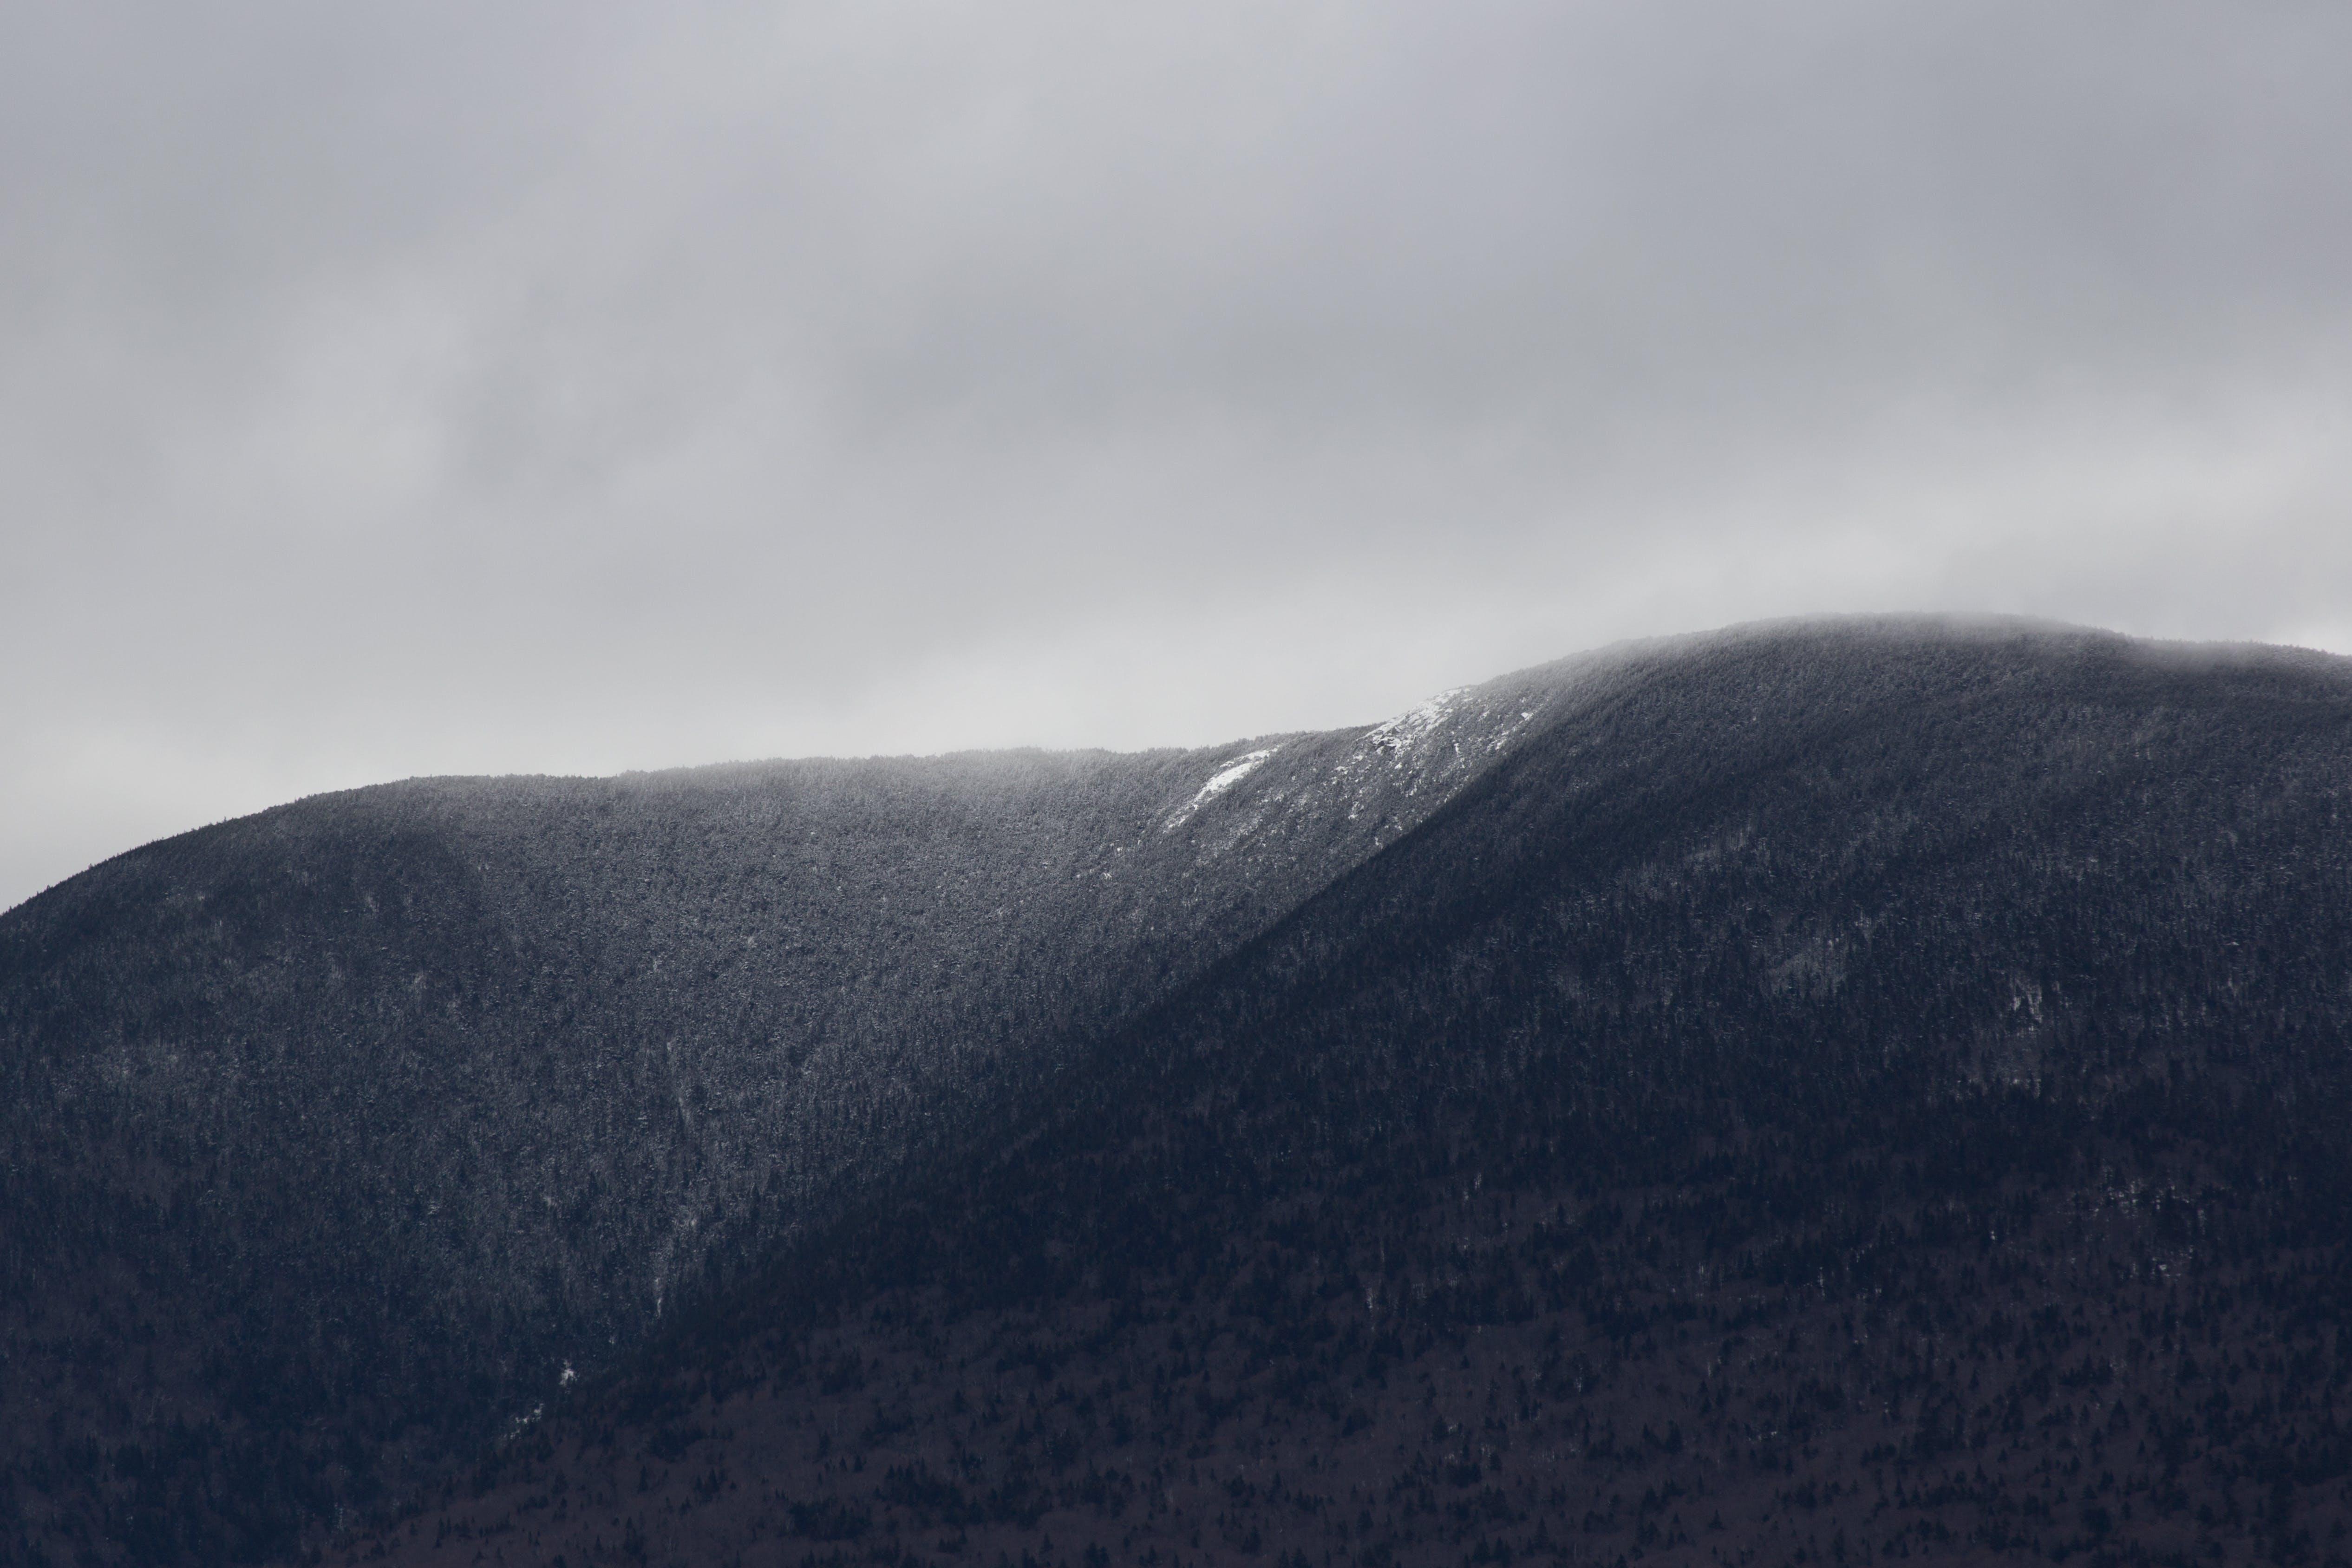 Gratis stockfoto met berg, landschap, mist, mistachtig